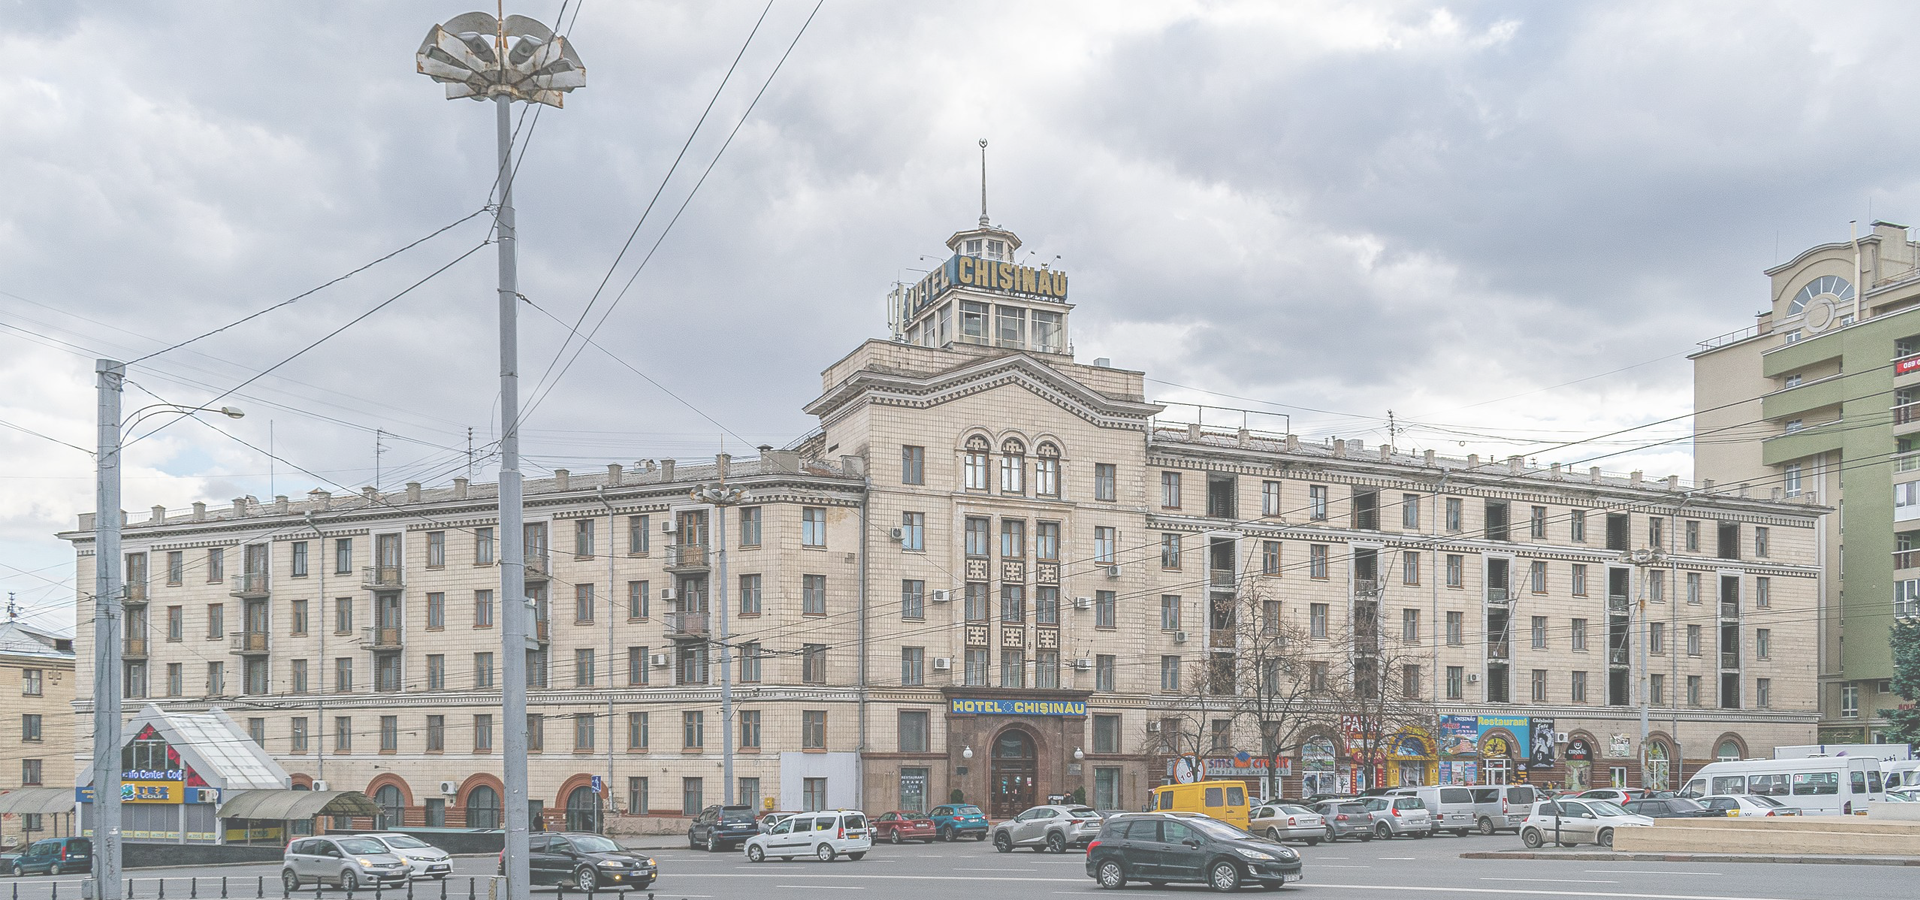 Peer-to-peer advisory in Chișinău, Moldova